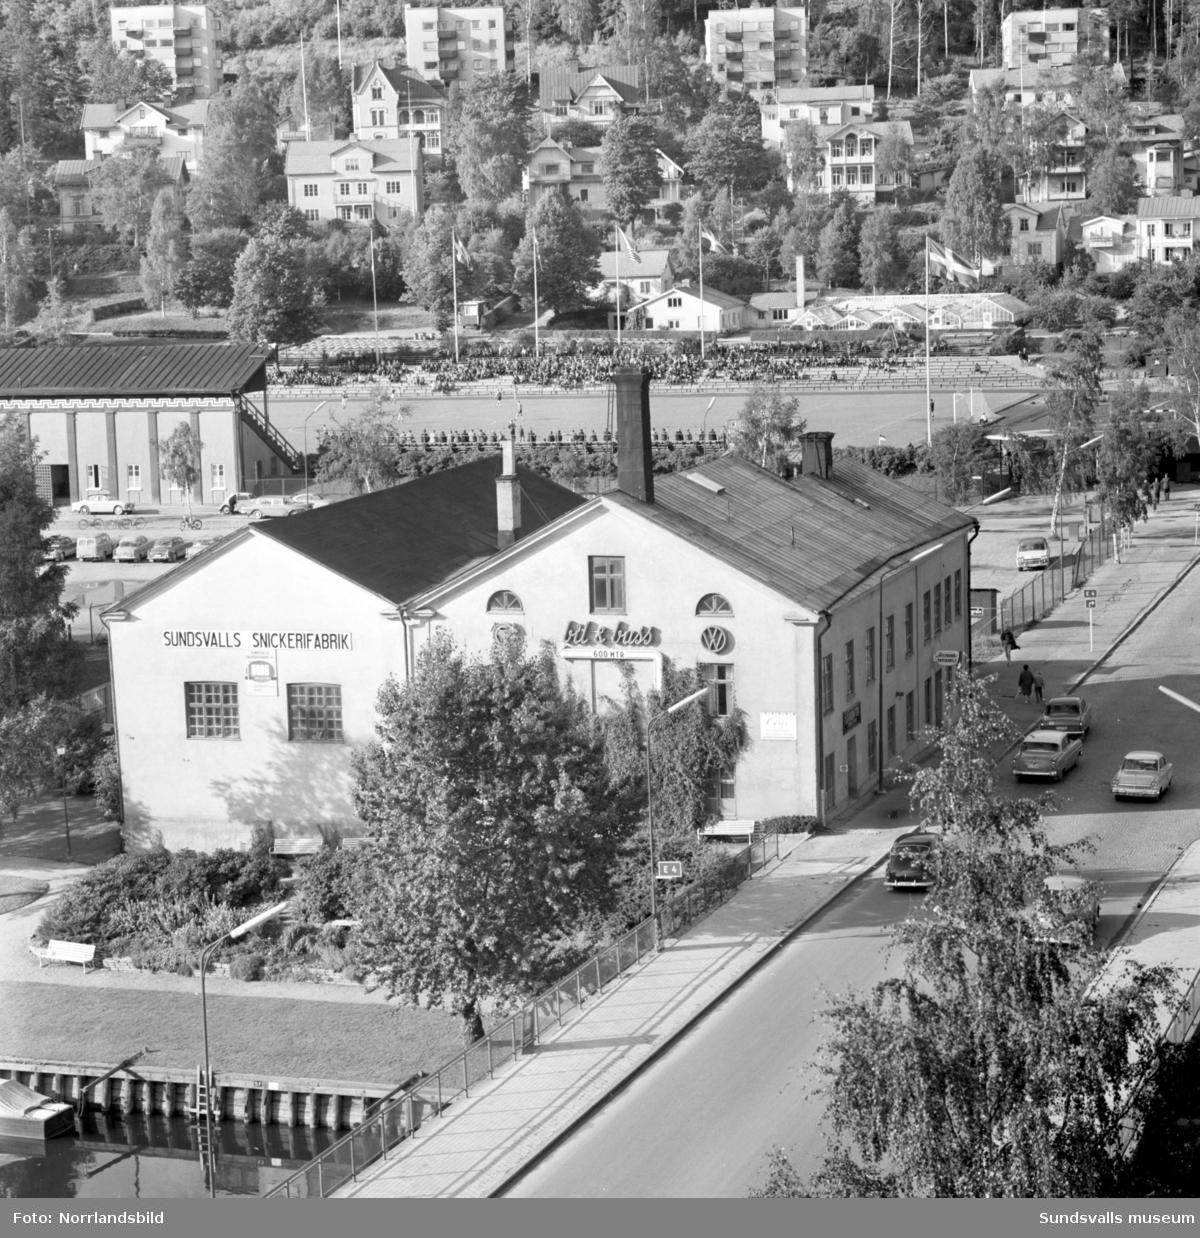 Sundsvalls Snickerifabrik och Bil & Buss invid Selångersån vid Storbron och i bakgrunden Idrottsparken där det pågår en fotbollsmatch.